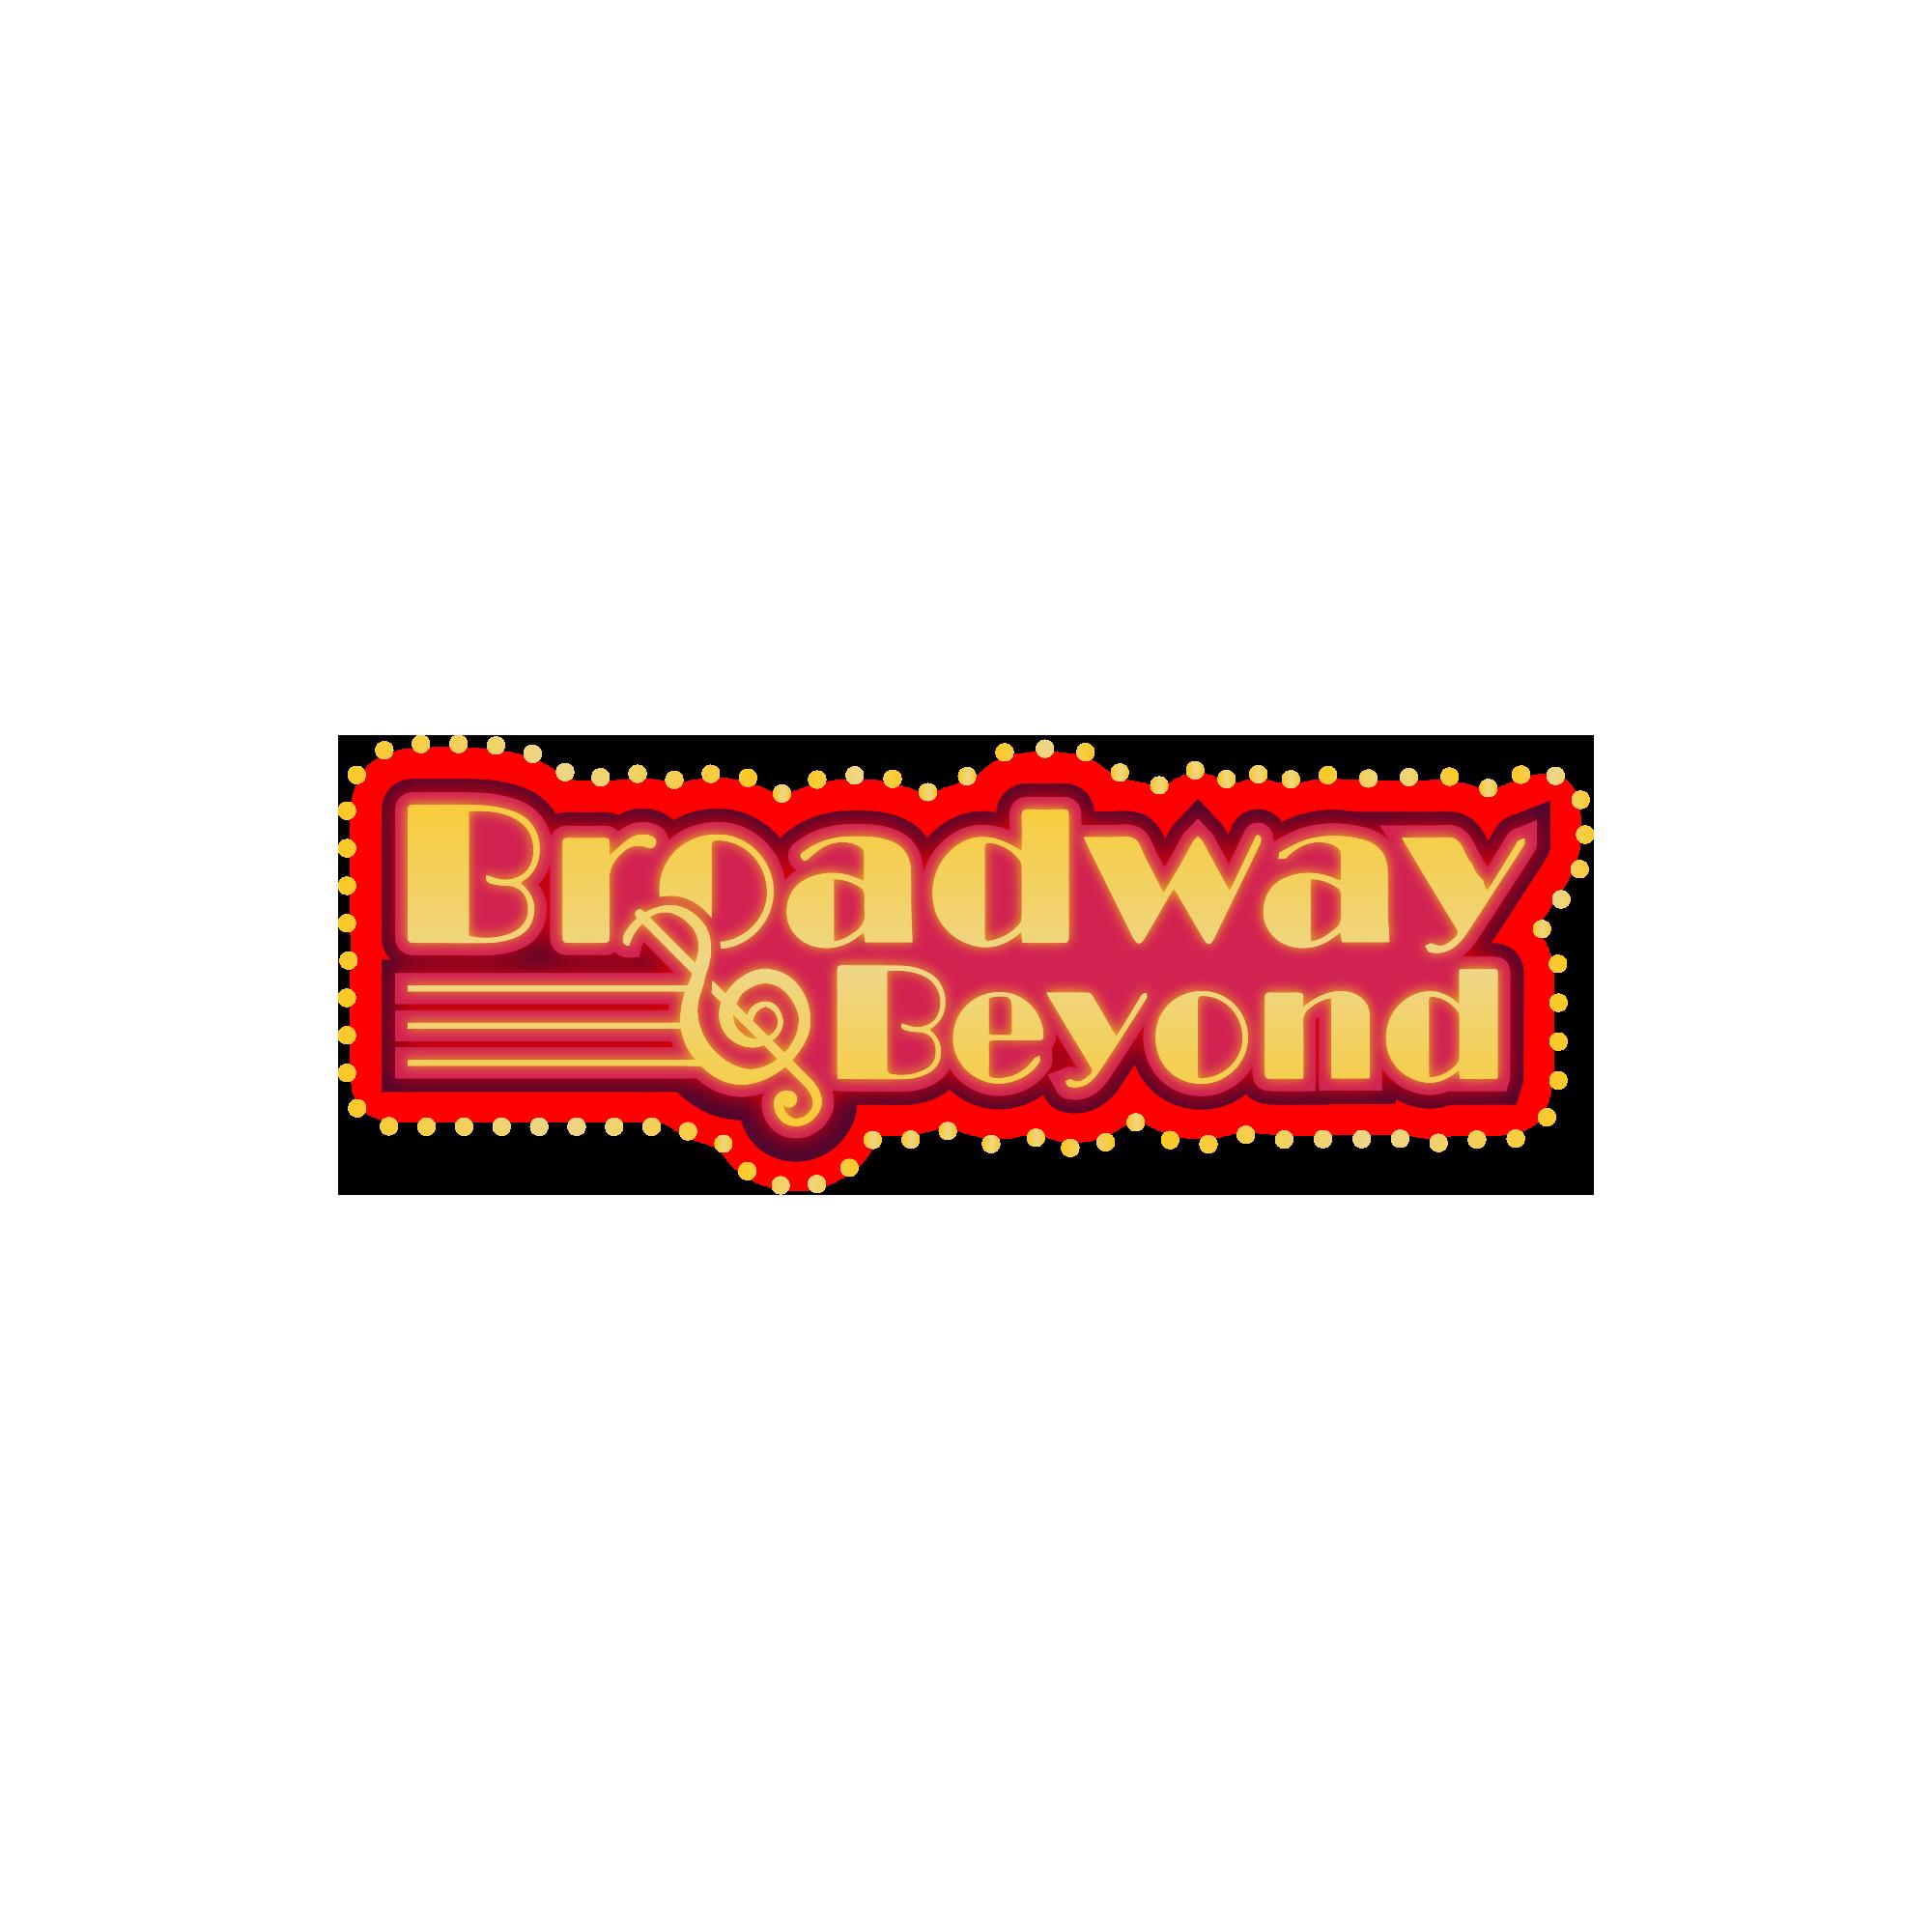 Broadway & Beyond 2019 banner image